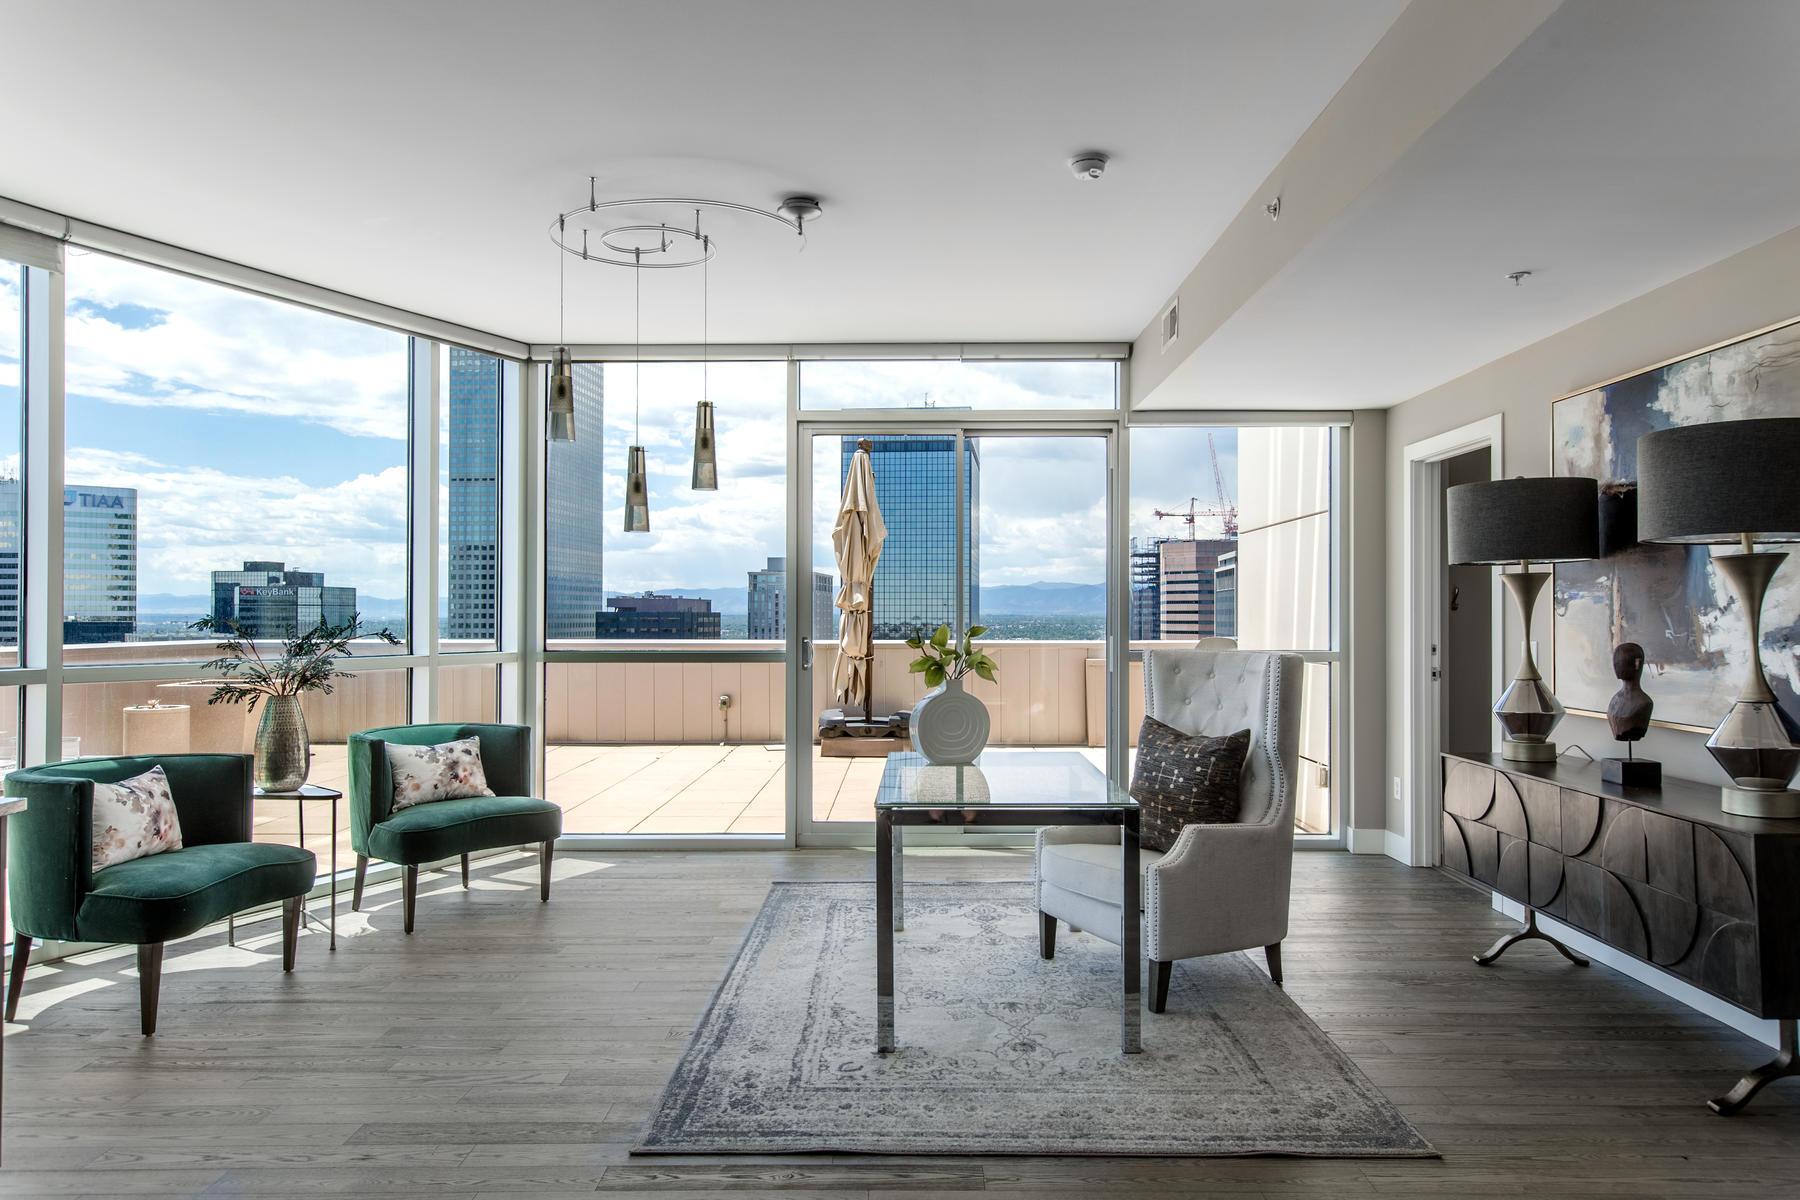 Condominiums для того Продажа на DREAMS DO COME TRUE 2001 Lincoln Street Unit #2823, Denver, Колорадо 80202 Соединенные Штаты